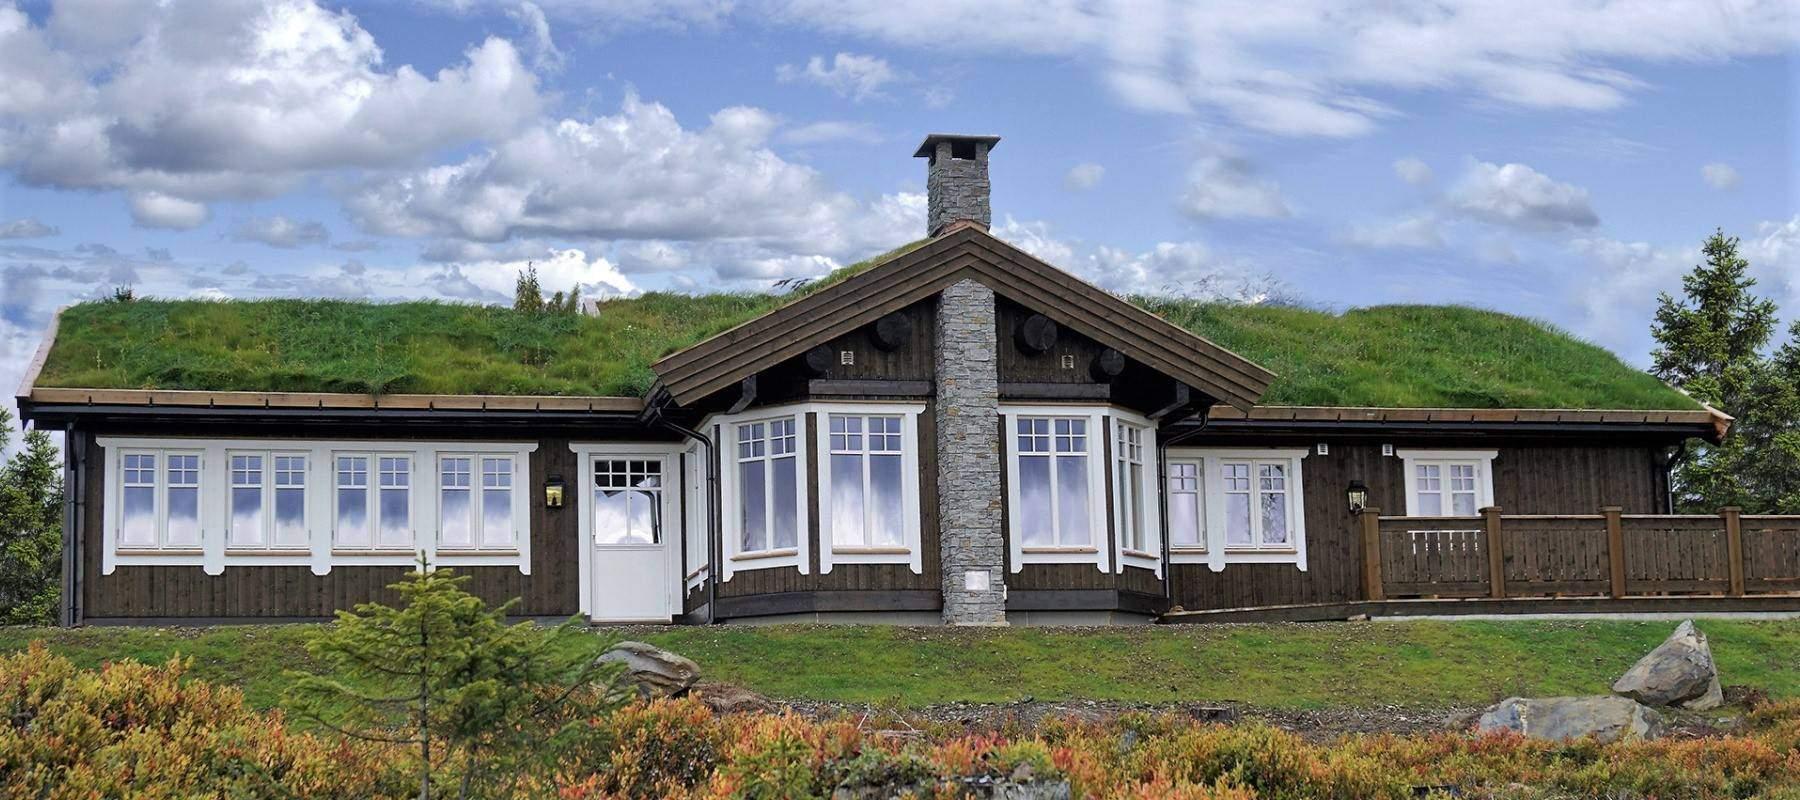 2191 Hytte Sollia på Lissetra